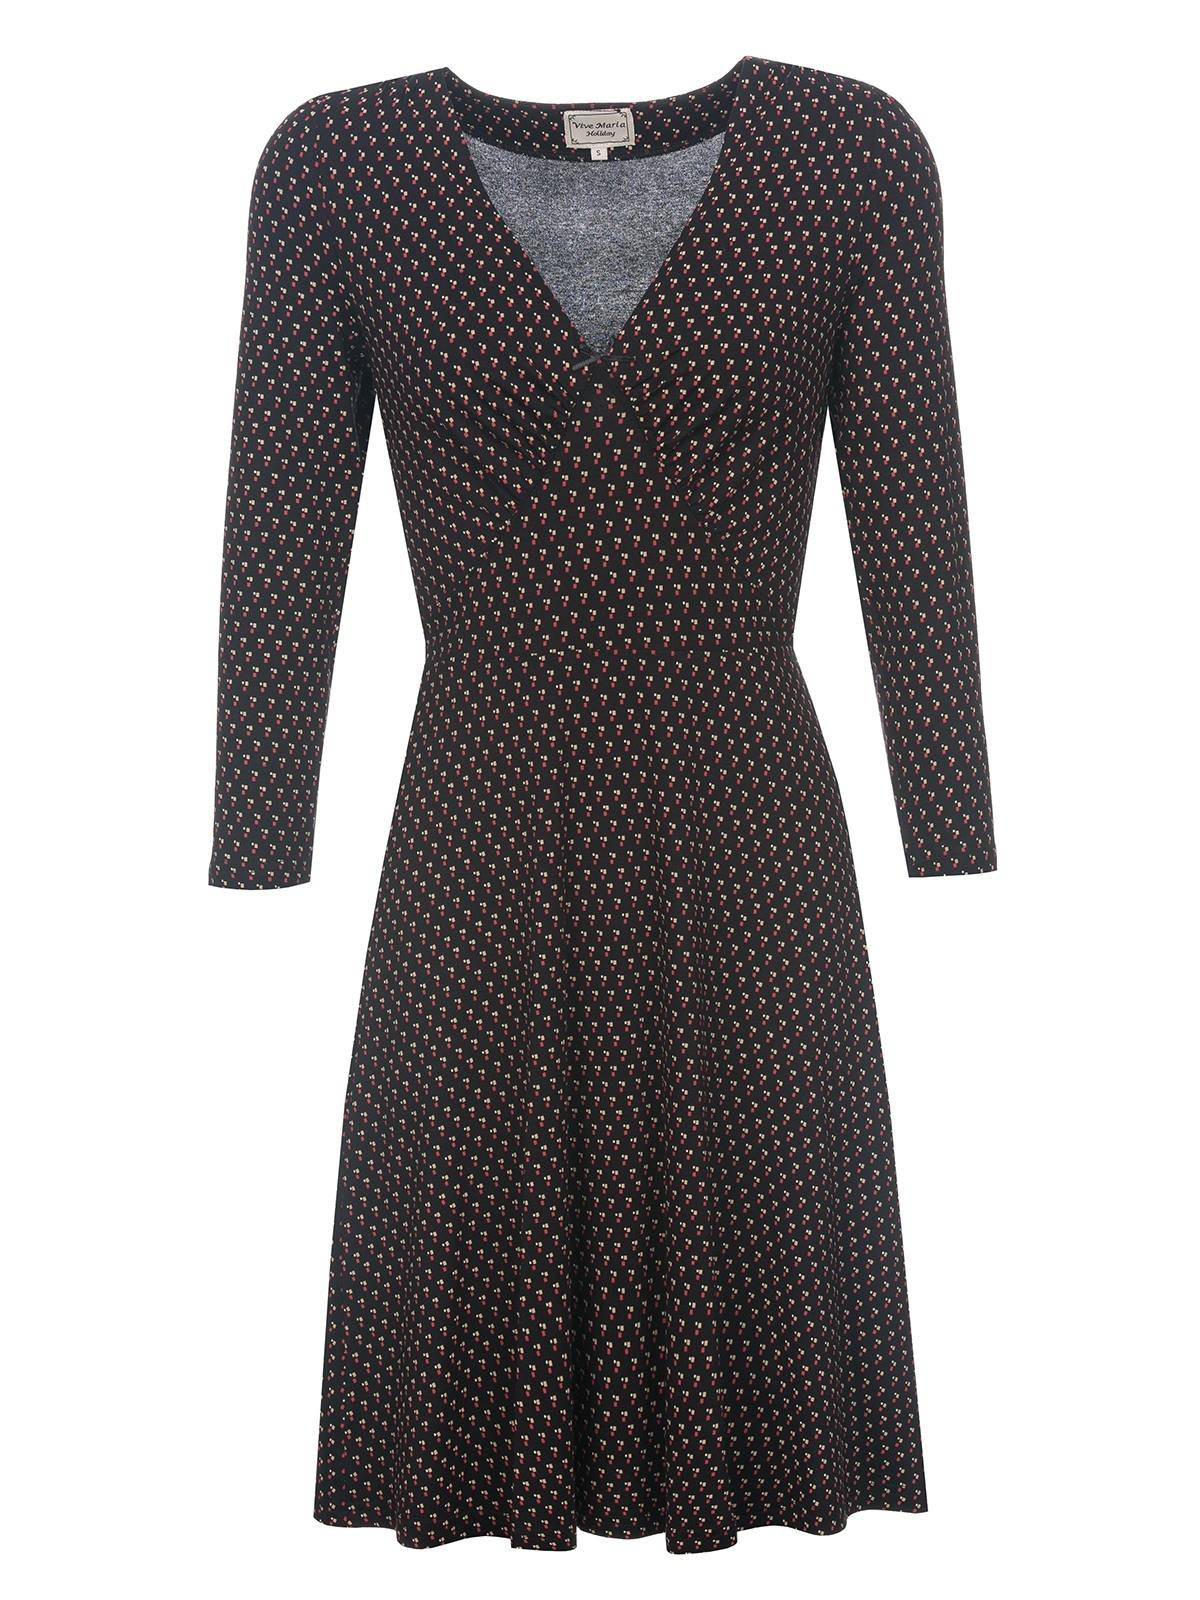 Perfekt Damen Kleider Schwarz GalerieAbend Schön Damen Kleider Schwarz Vertrieb